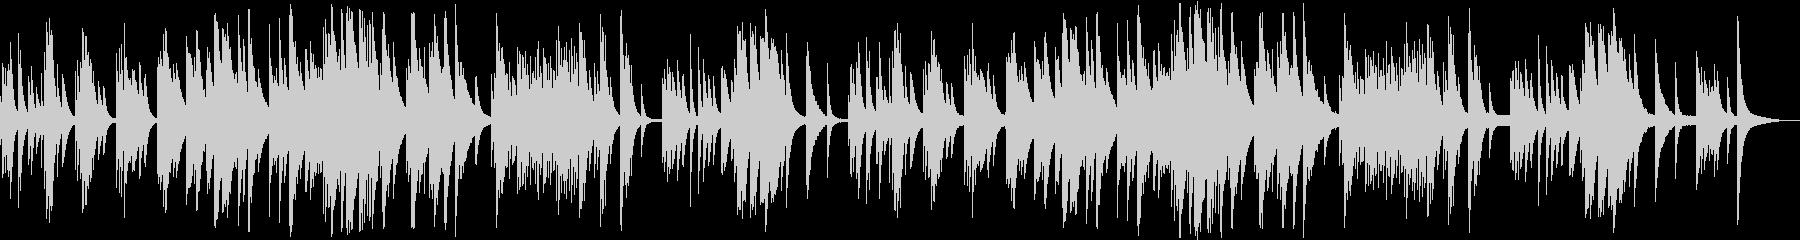 ゆったりした雰囲気のシンプルなチェレスタの未再生の波形